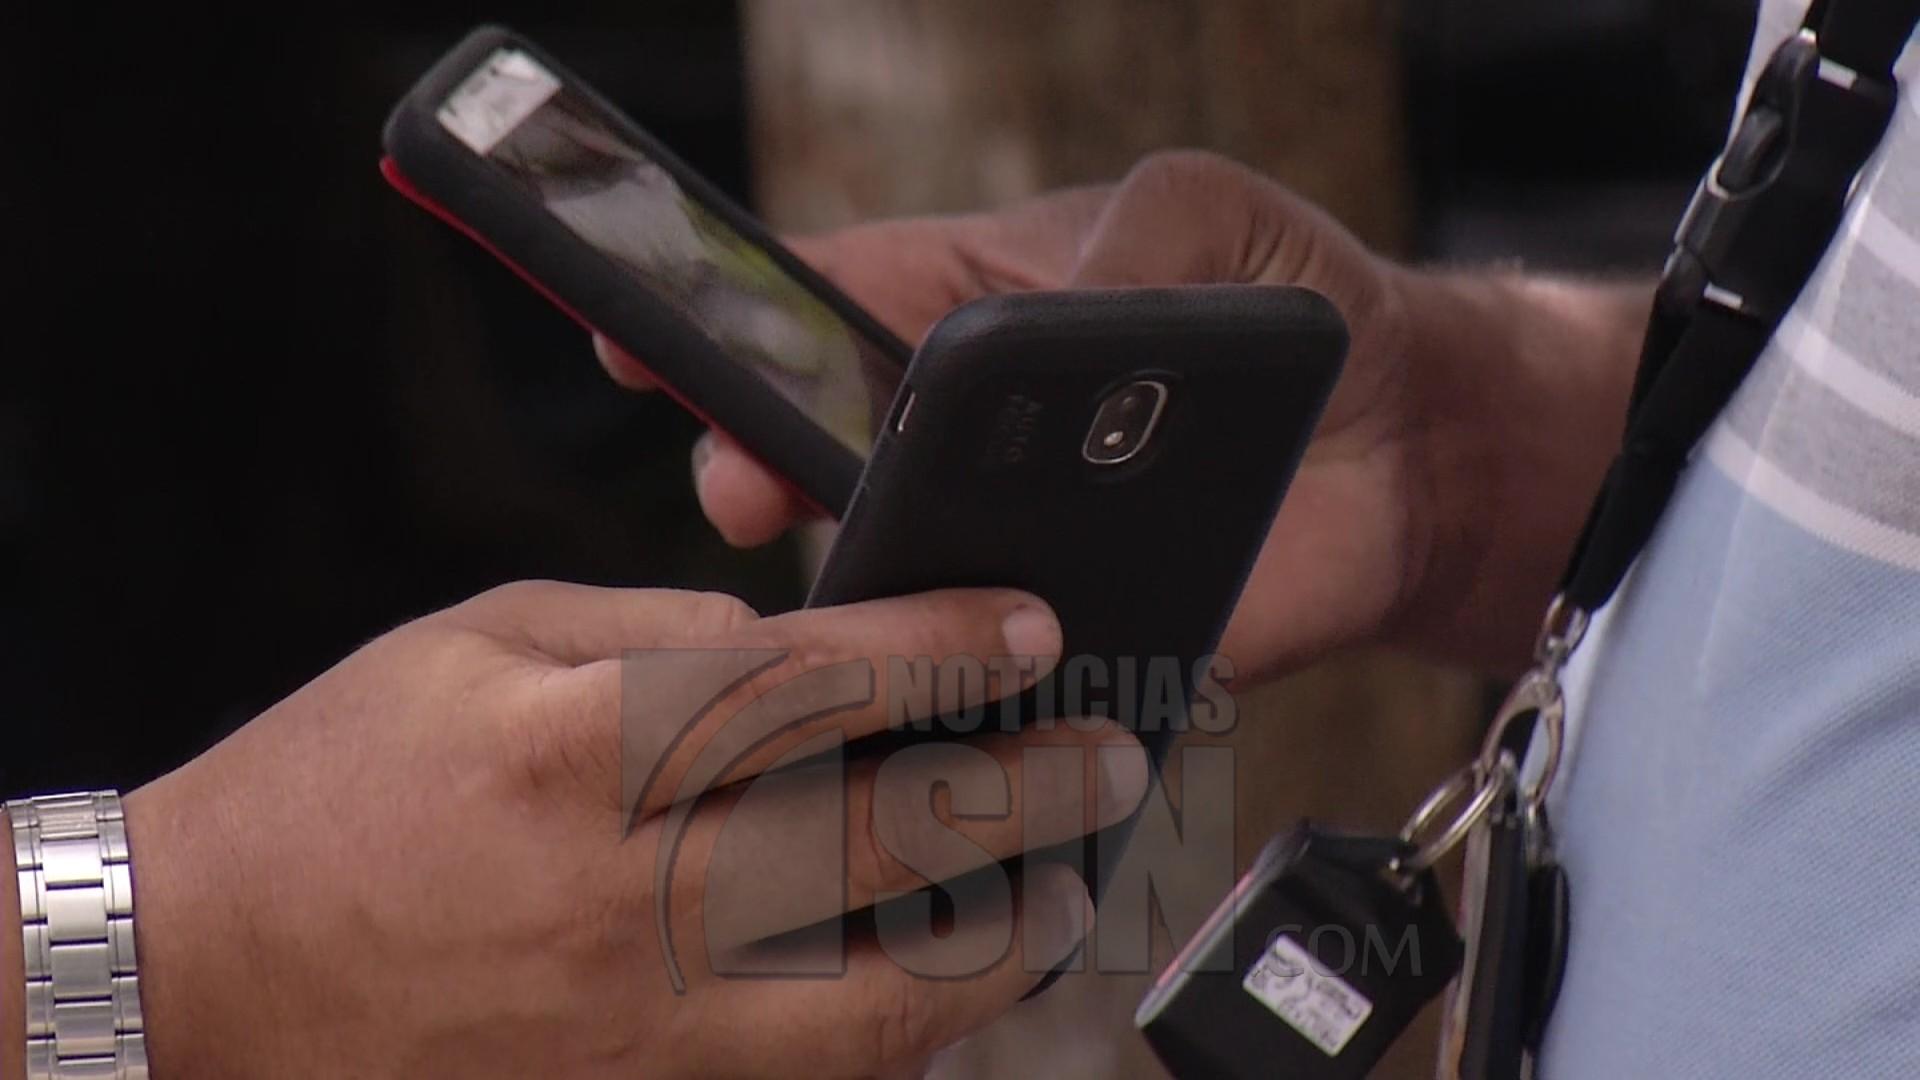 La luz de los celulares podrían causar daños irreversibles a la vista